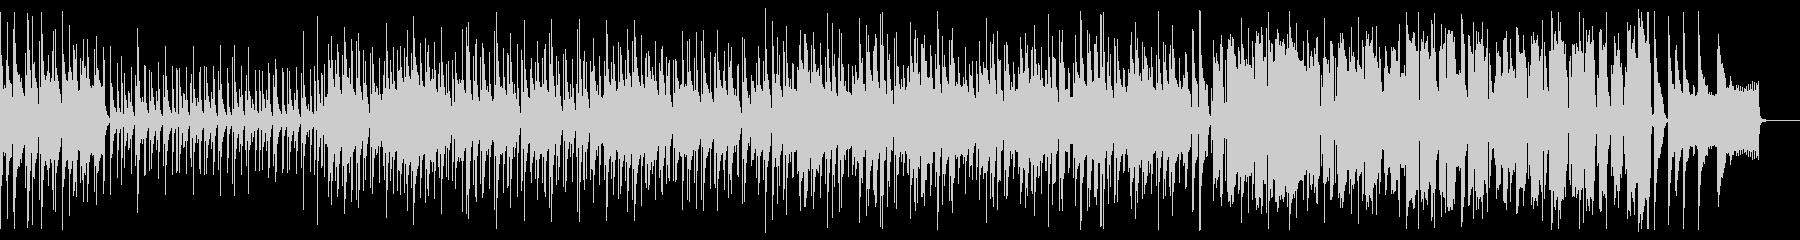 三味線と笛の浮かれたムードの和風曲の未再生の波形